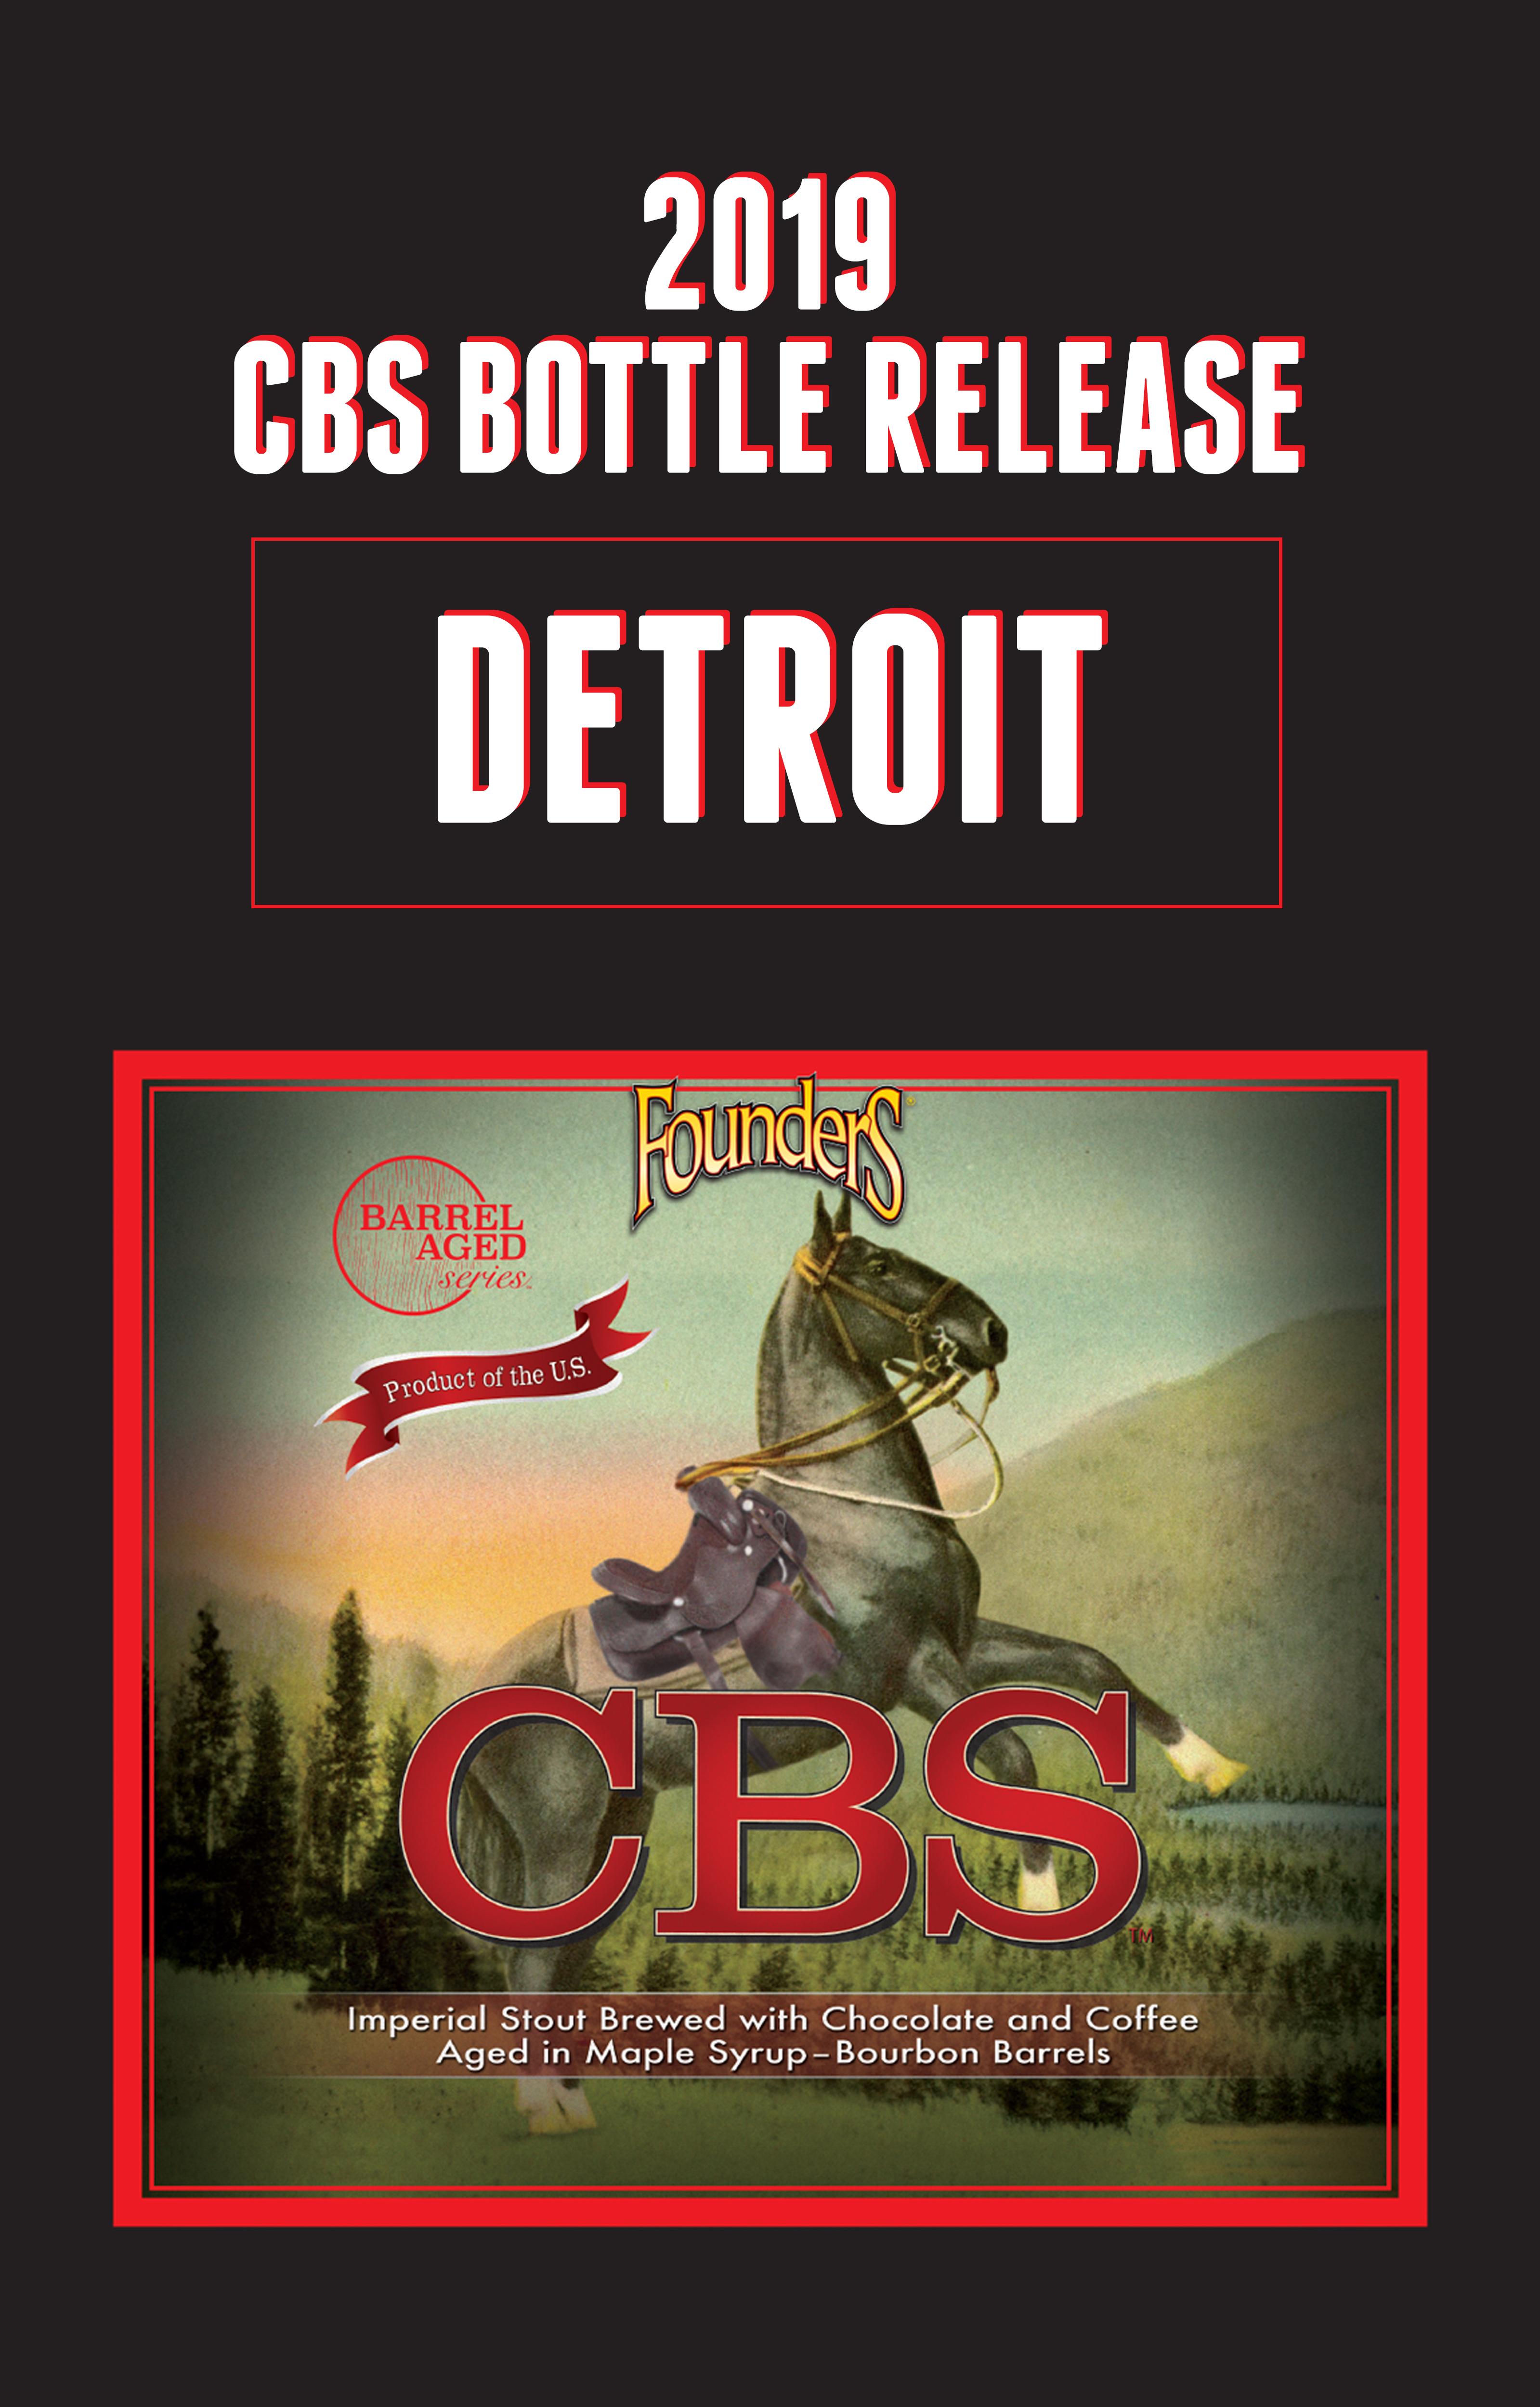 2019 CBS Bottle Release Detroit Founders CBS